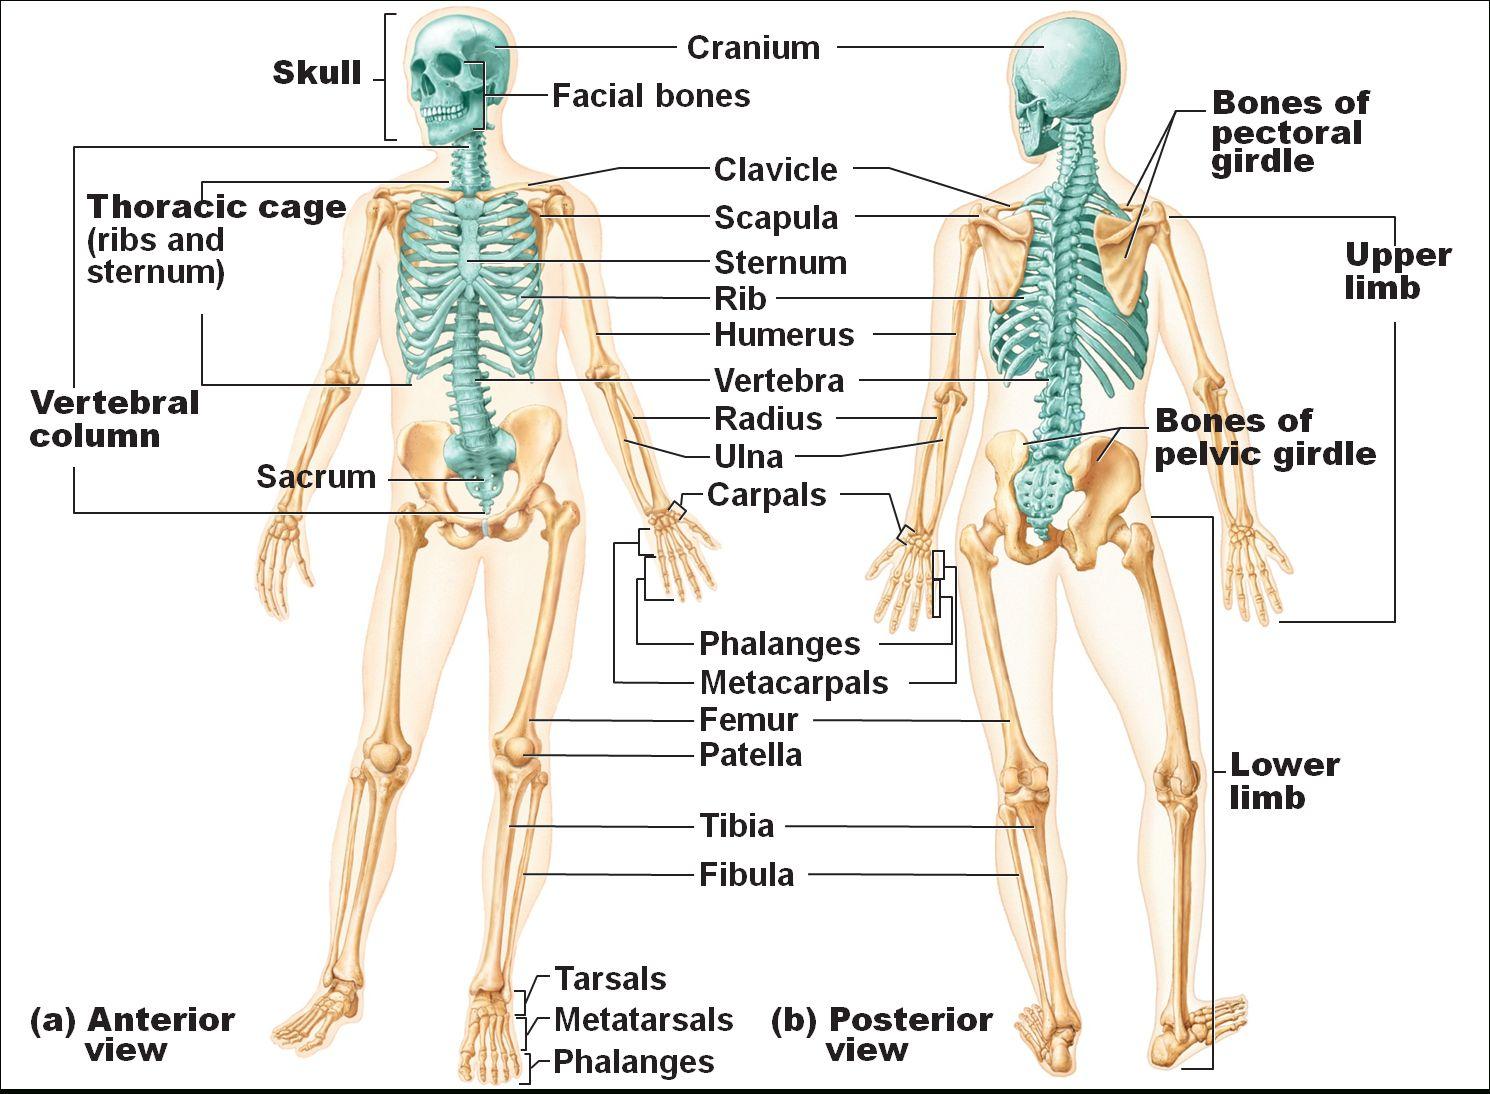 Berühmt Gehirn Axiale Anatomie Fotos - Menschliche Anatomie Bilder ...